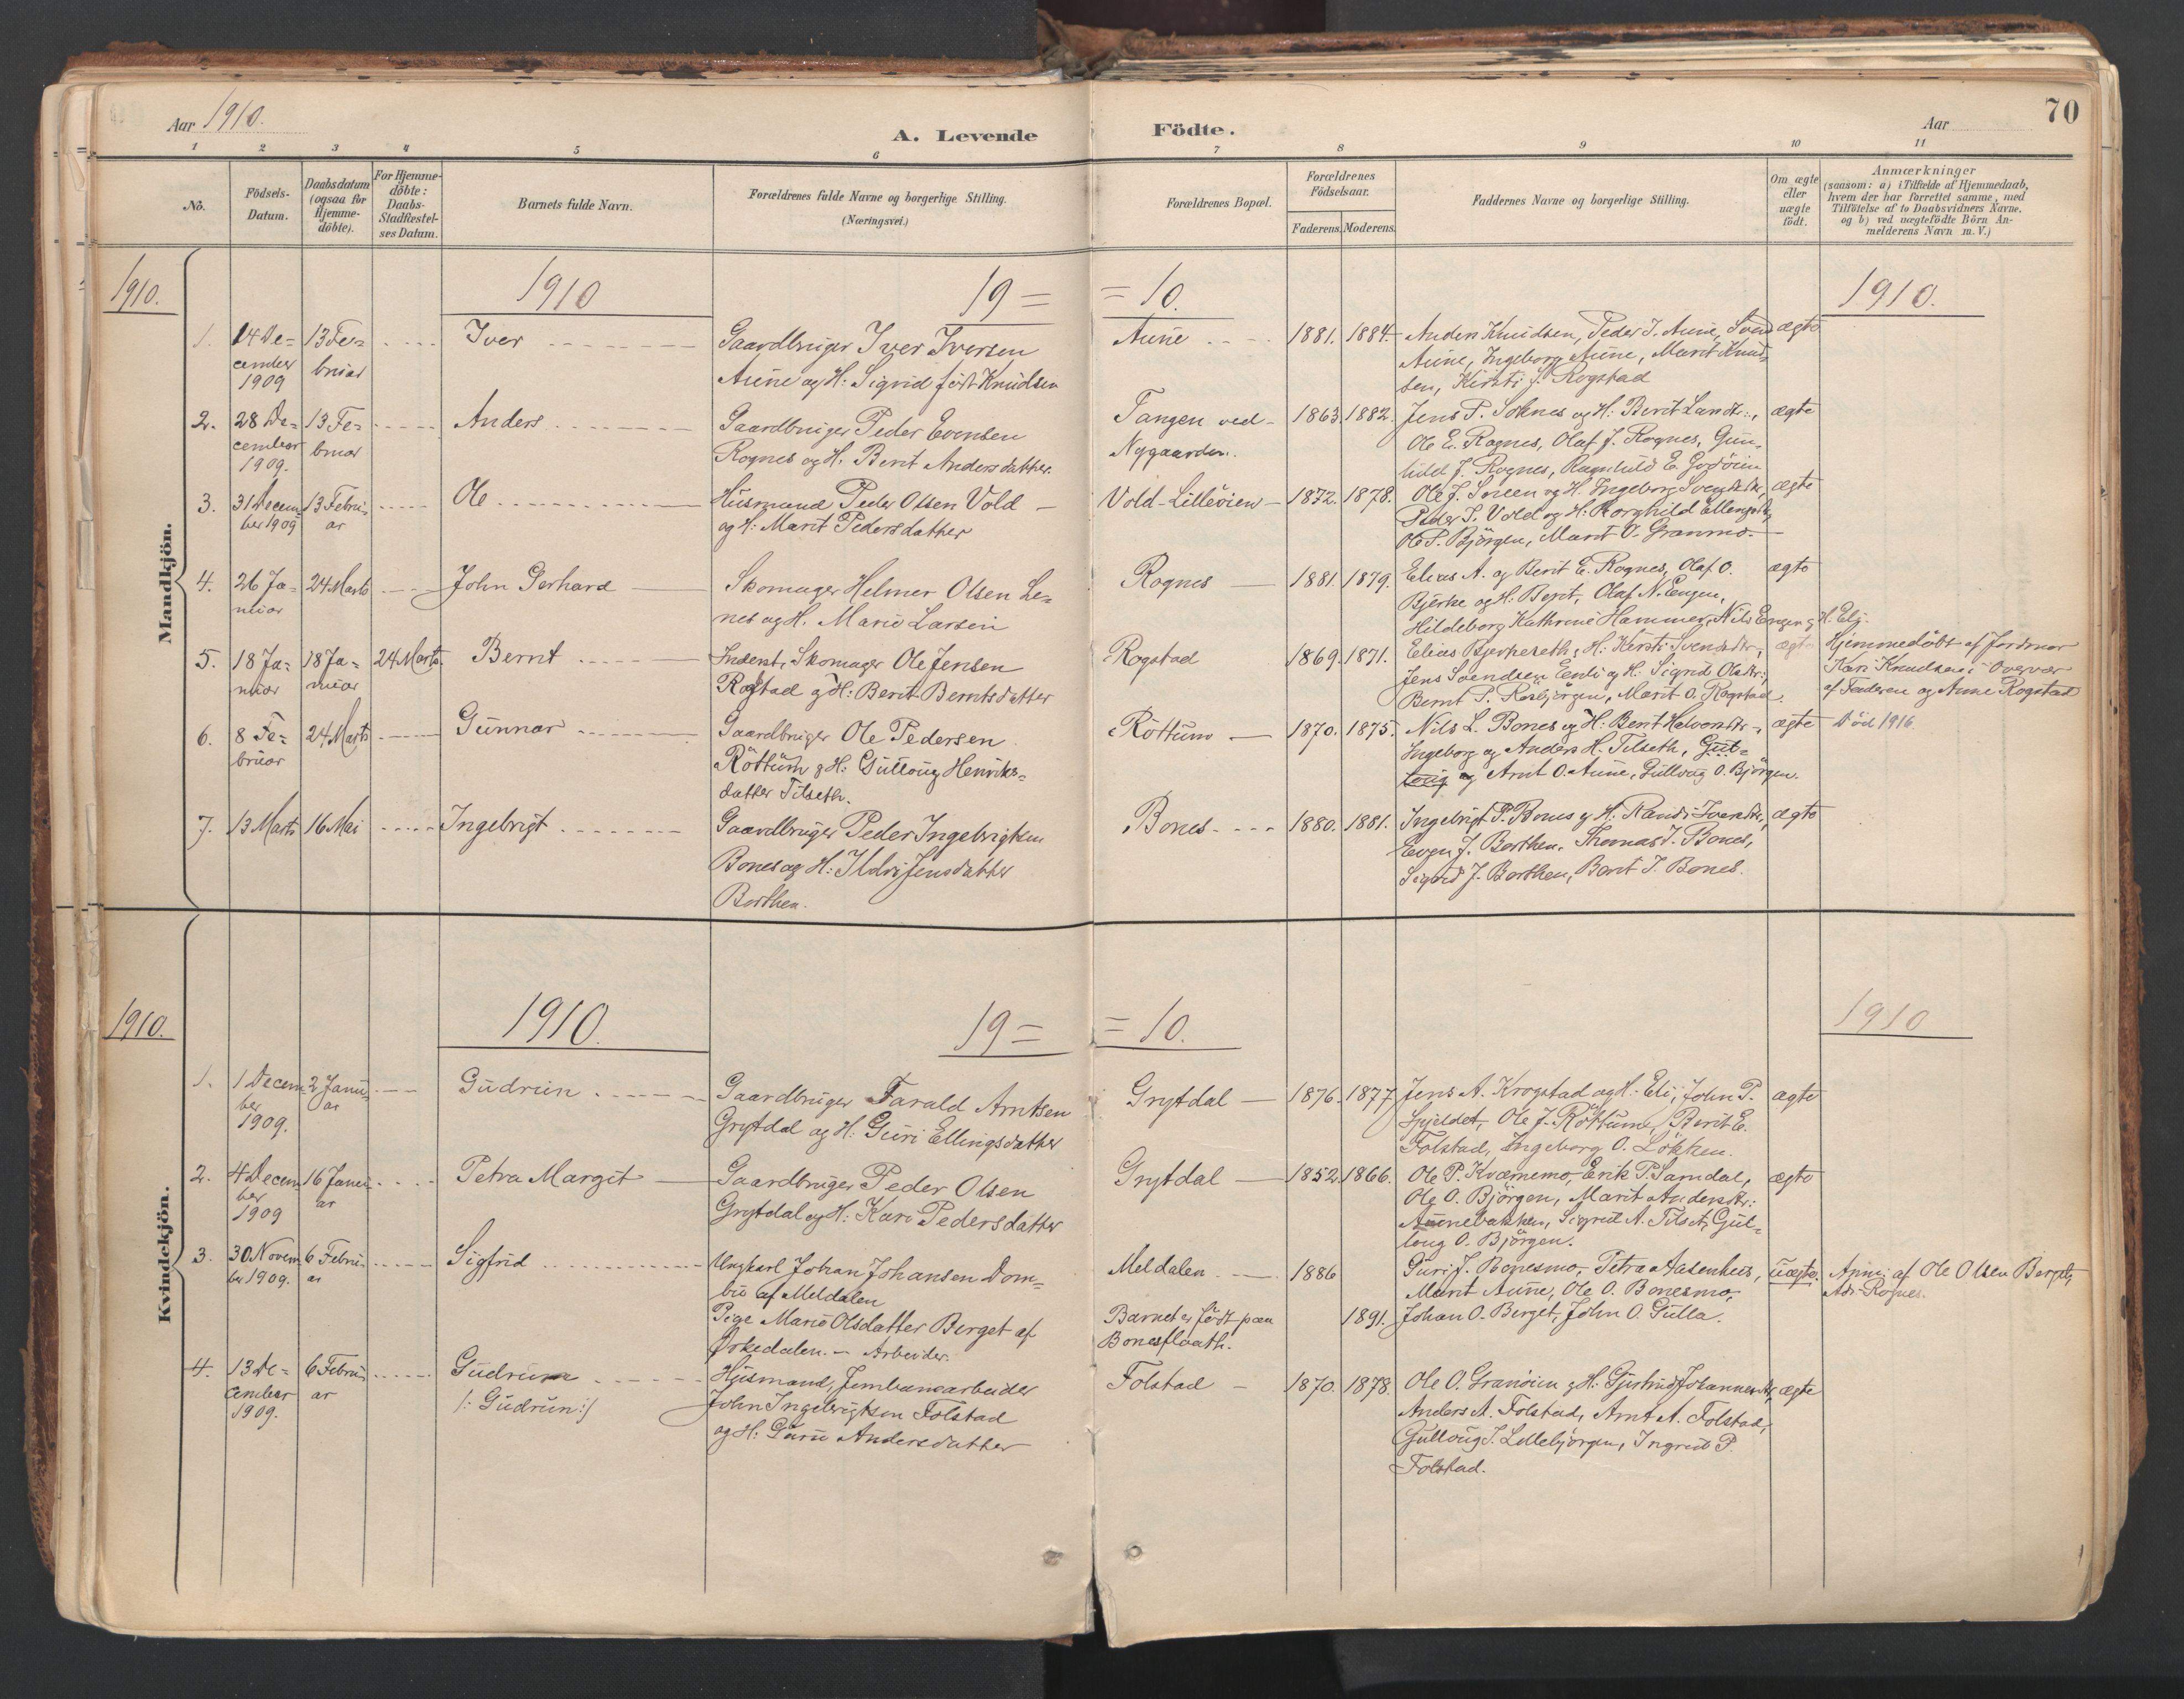 SAT, Ministerialprotokoller, klokkerbøker og fødselsregistre - Sør-Trøndelag, 687/L1004: Ministerialbok nr. 687A10, 1891-1923, s. 70